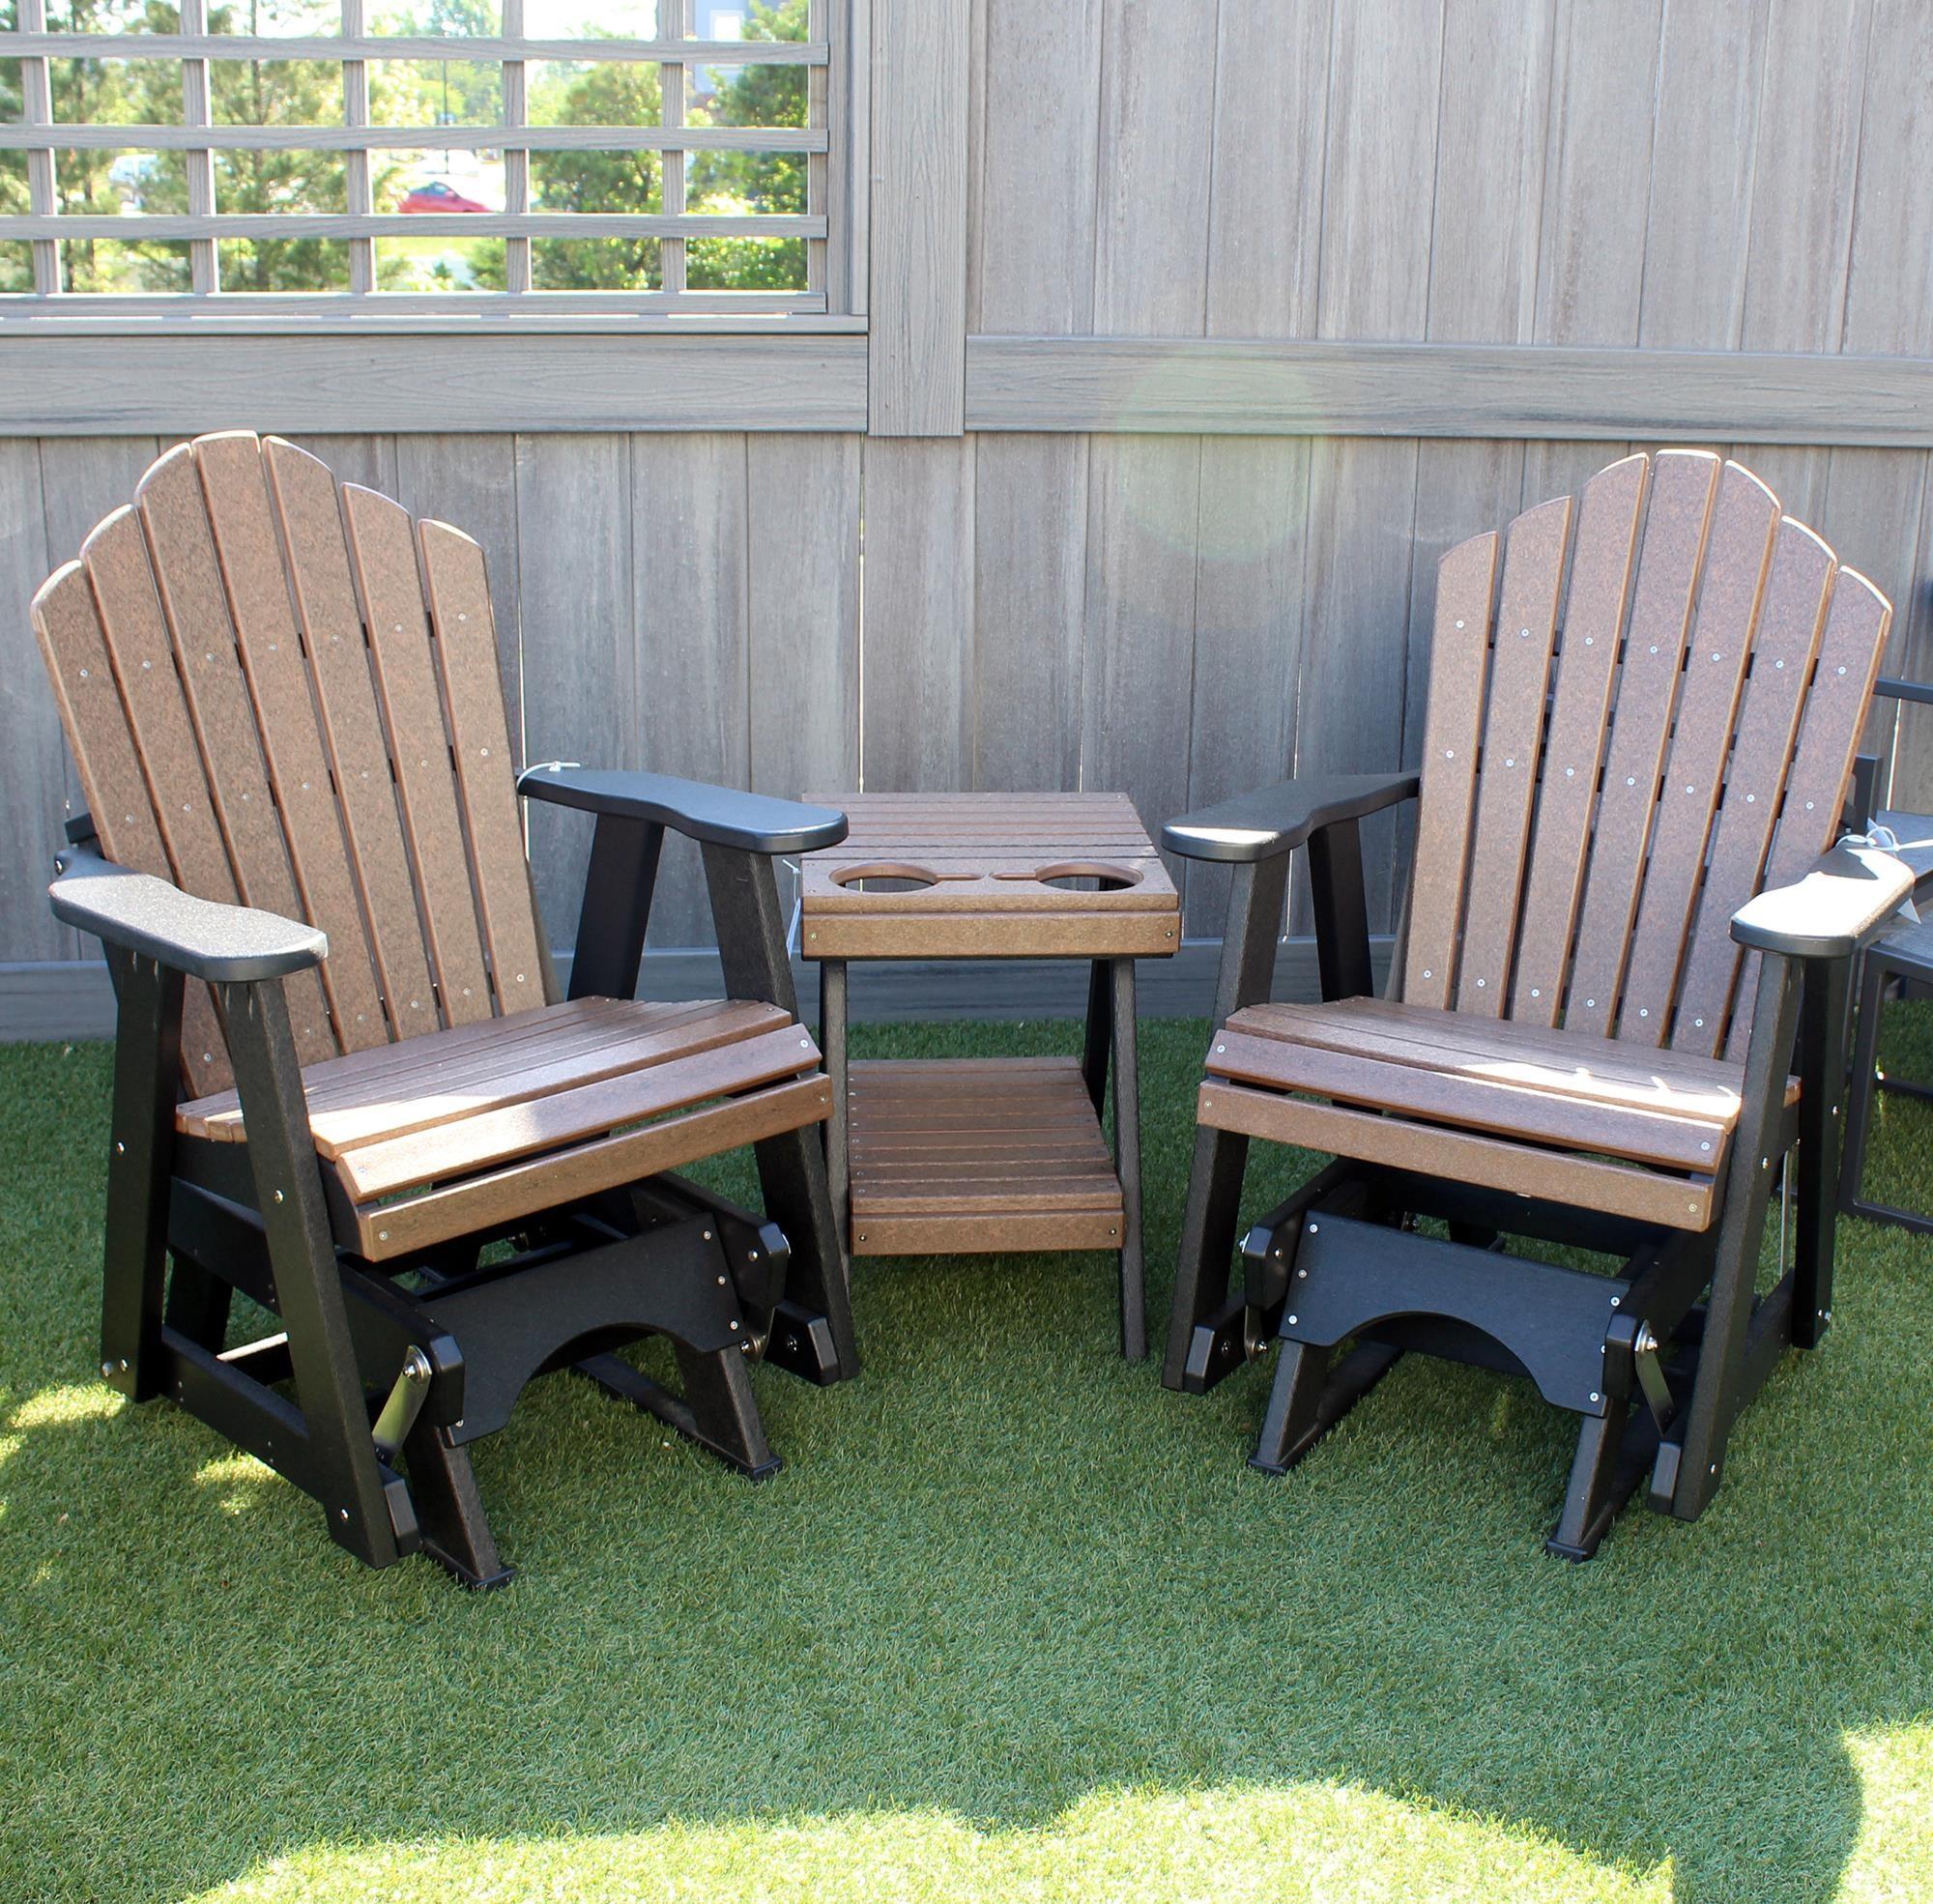 Outdoor 3 Piece Outdoor Conversation Set by Tru180 at Belfort Furniture